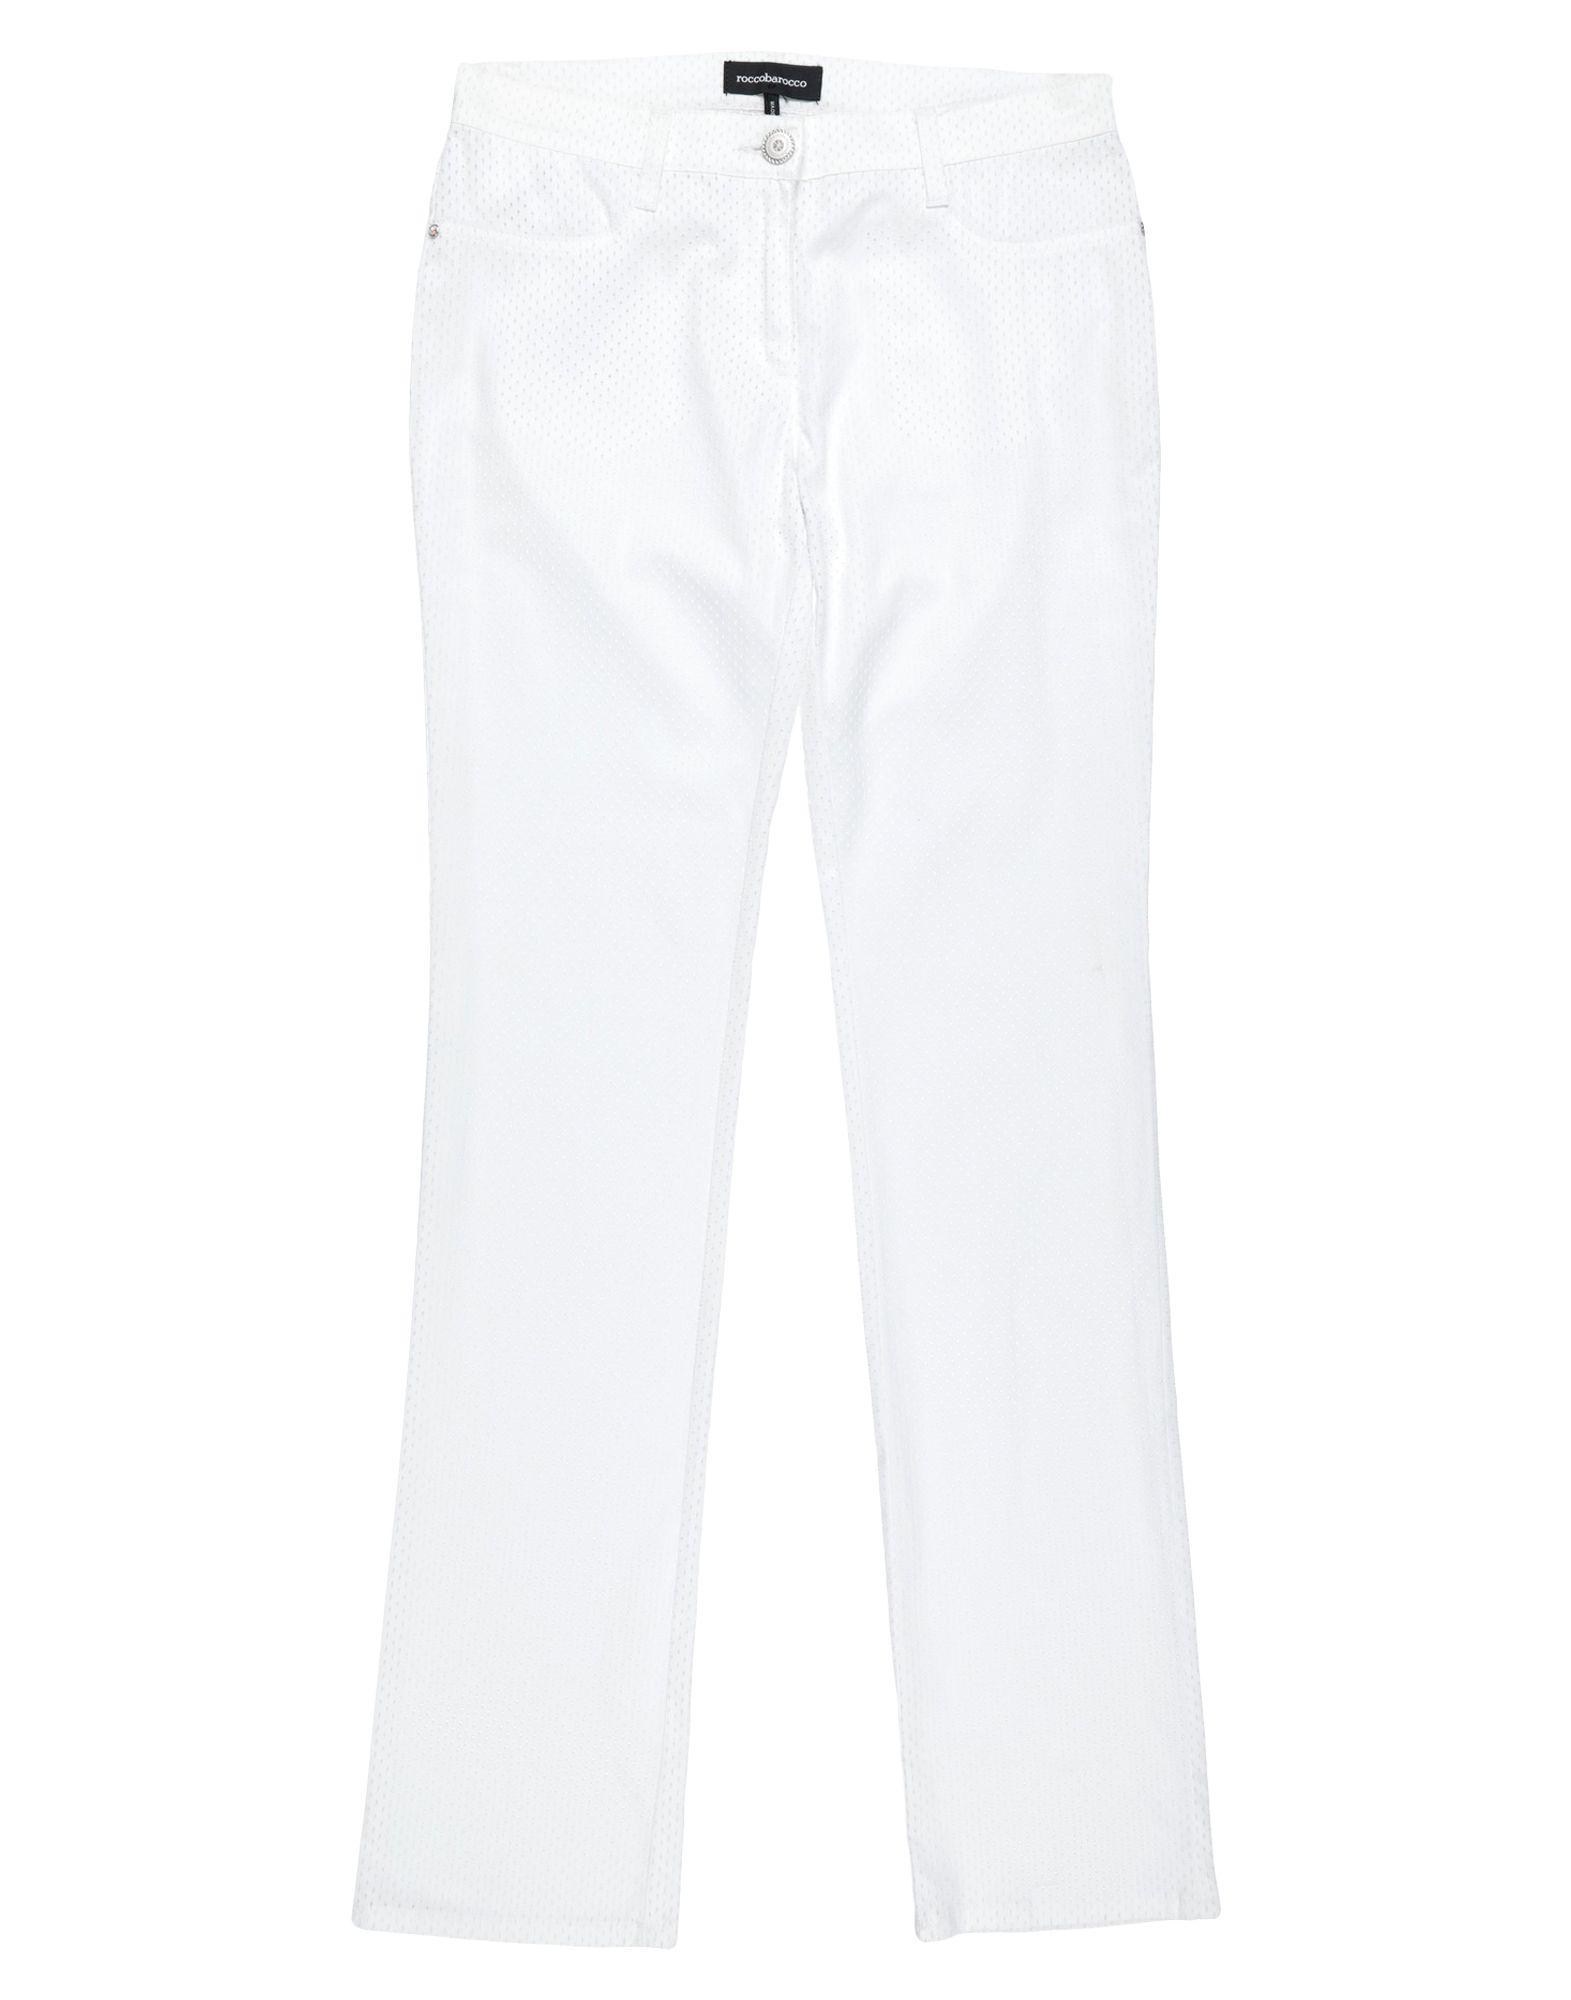 《セール開催中》ROCCOBAROCCO レディース パンツ ホワイト 30 コットン 97% / ポリウレタン 3%